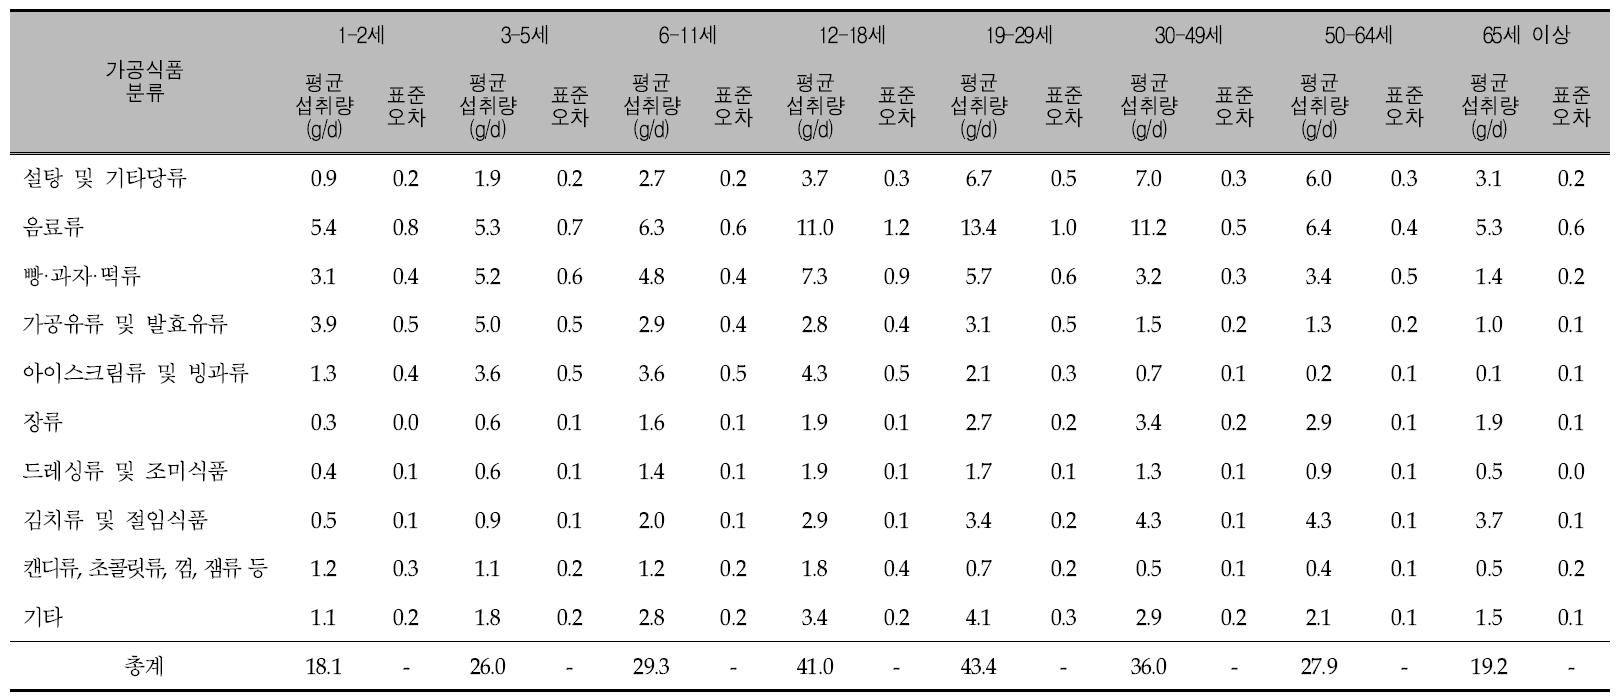 연령에 따른 가공식품 10군의 1인 1일 평균 당류 섭취량: 국민건강영양조사 2008년